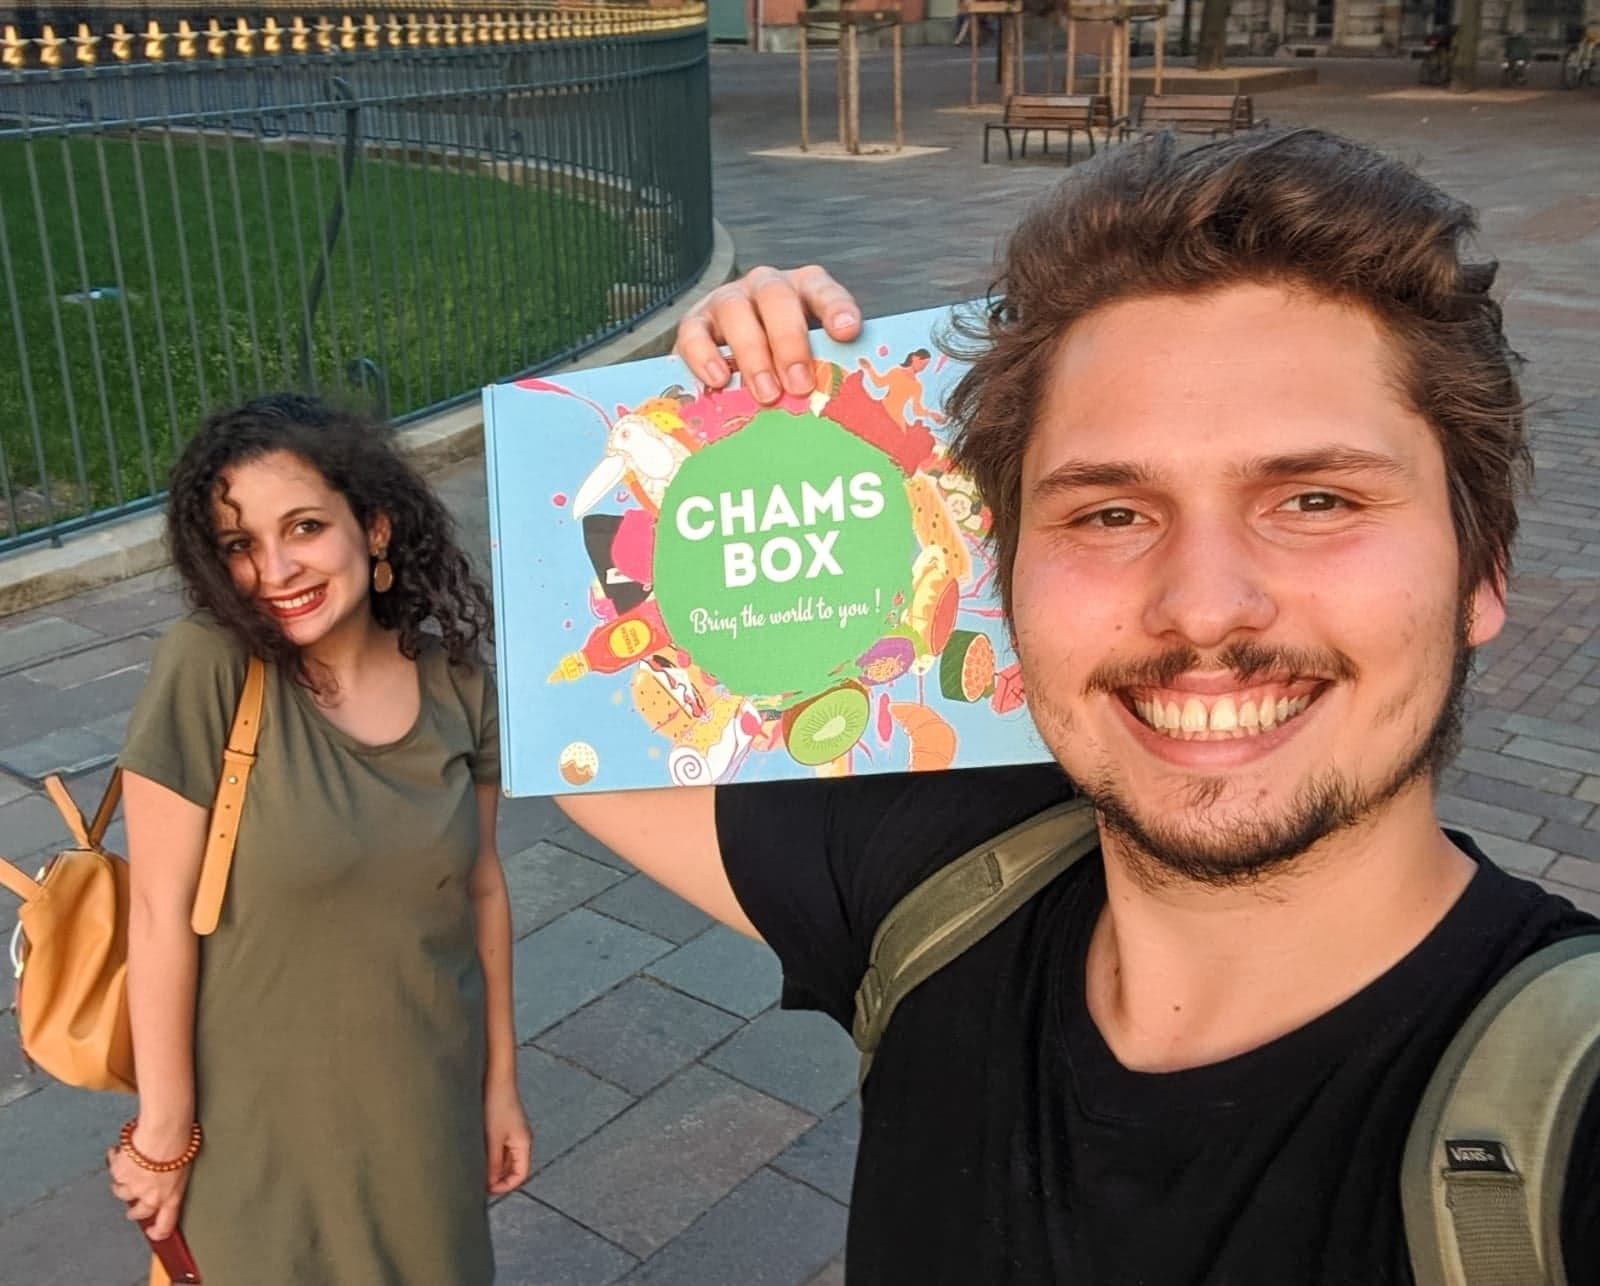 Koch dich um die Welt! - mit Chamsbox